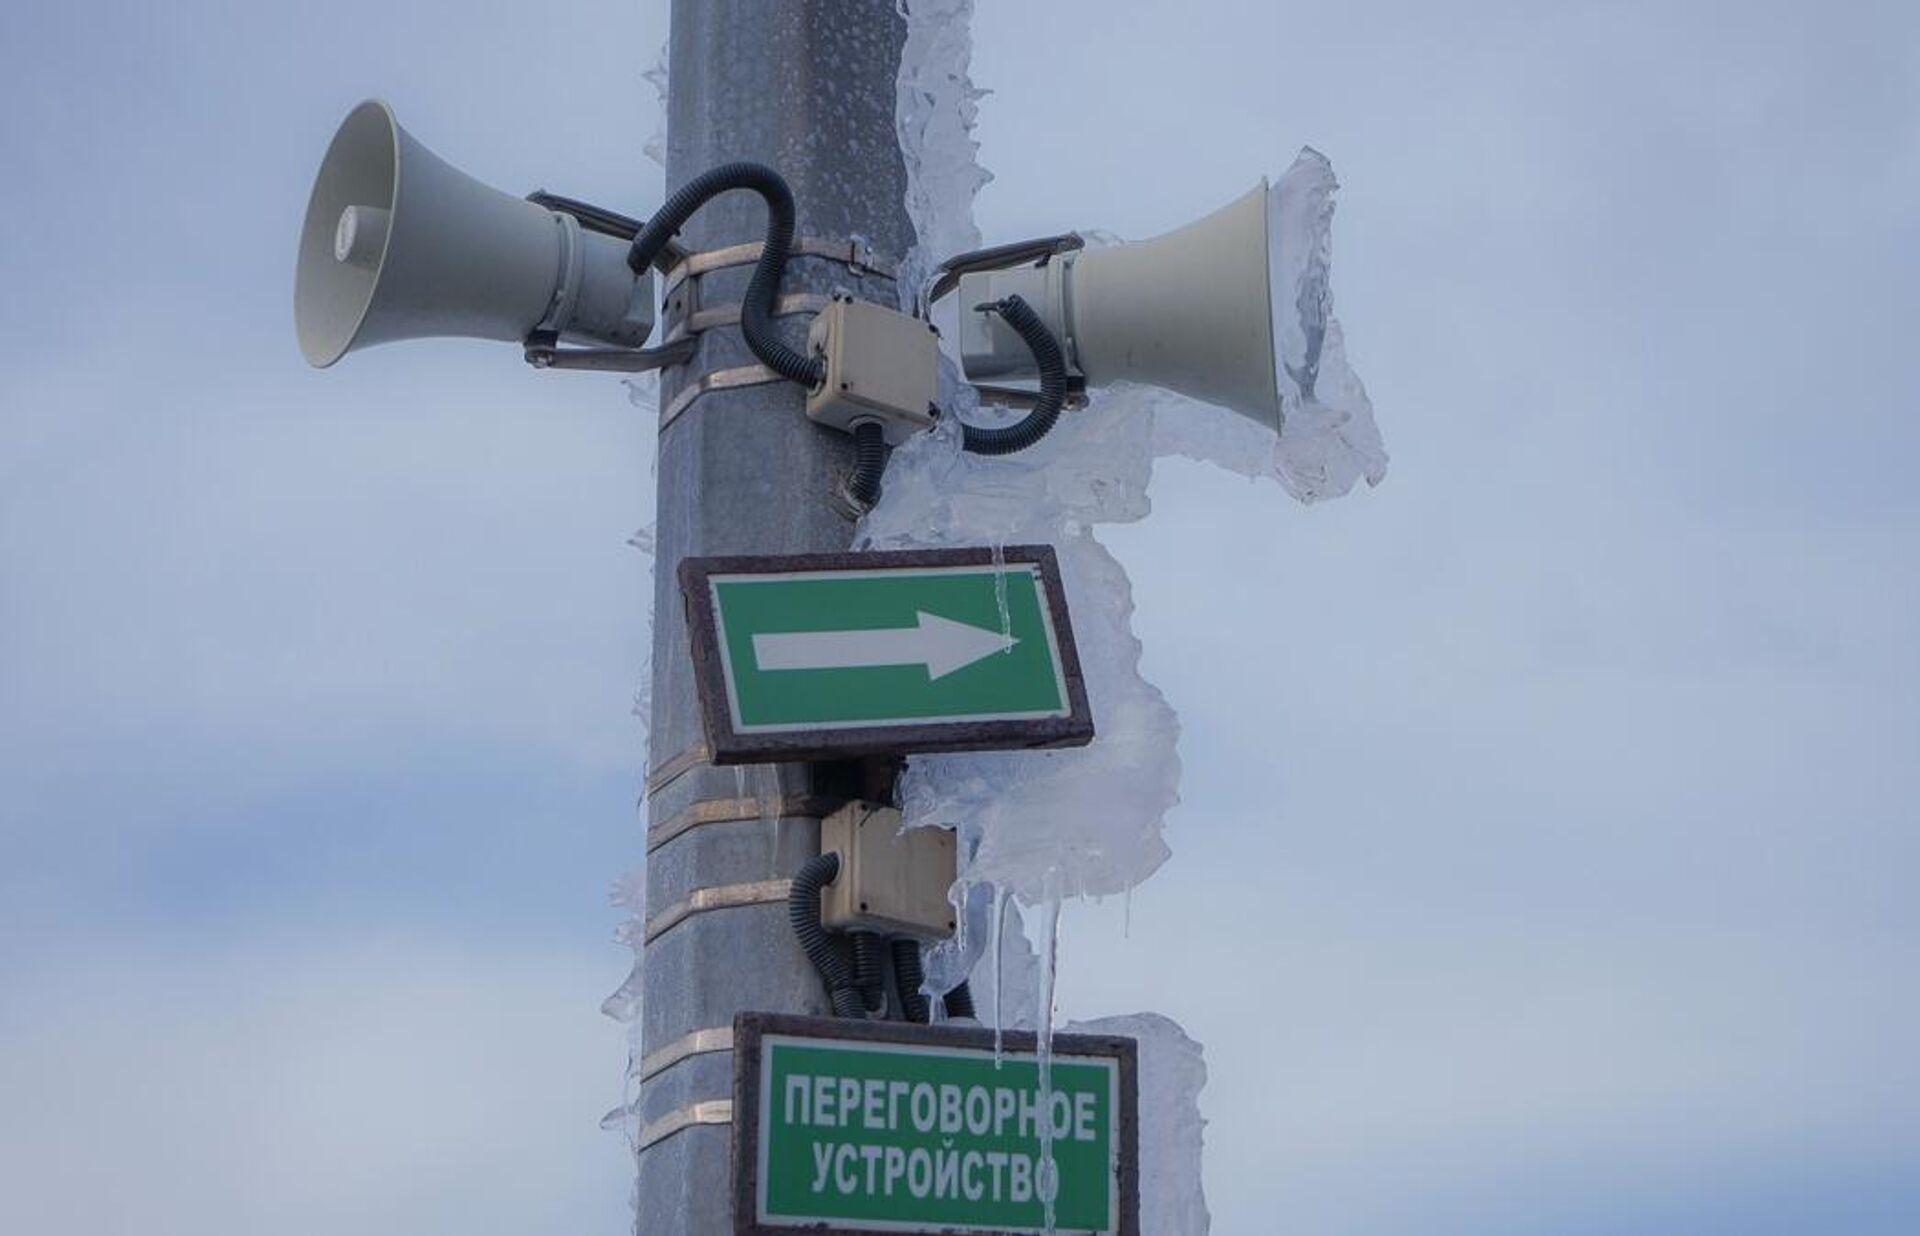 Наледь на громкоговорителях системы оповещения на мосту на остров Русский во Владивостоке - РИА Новости, 1920, 01.12.2020